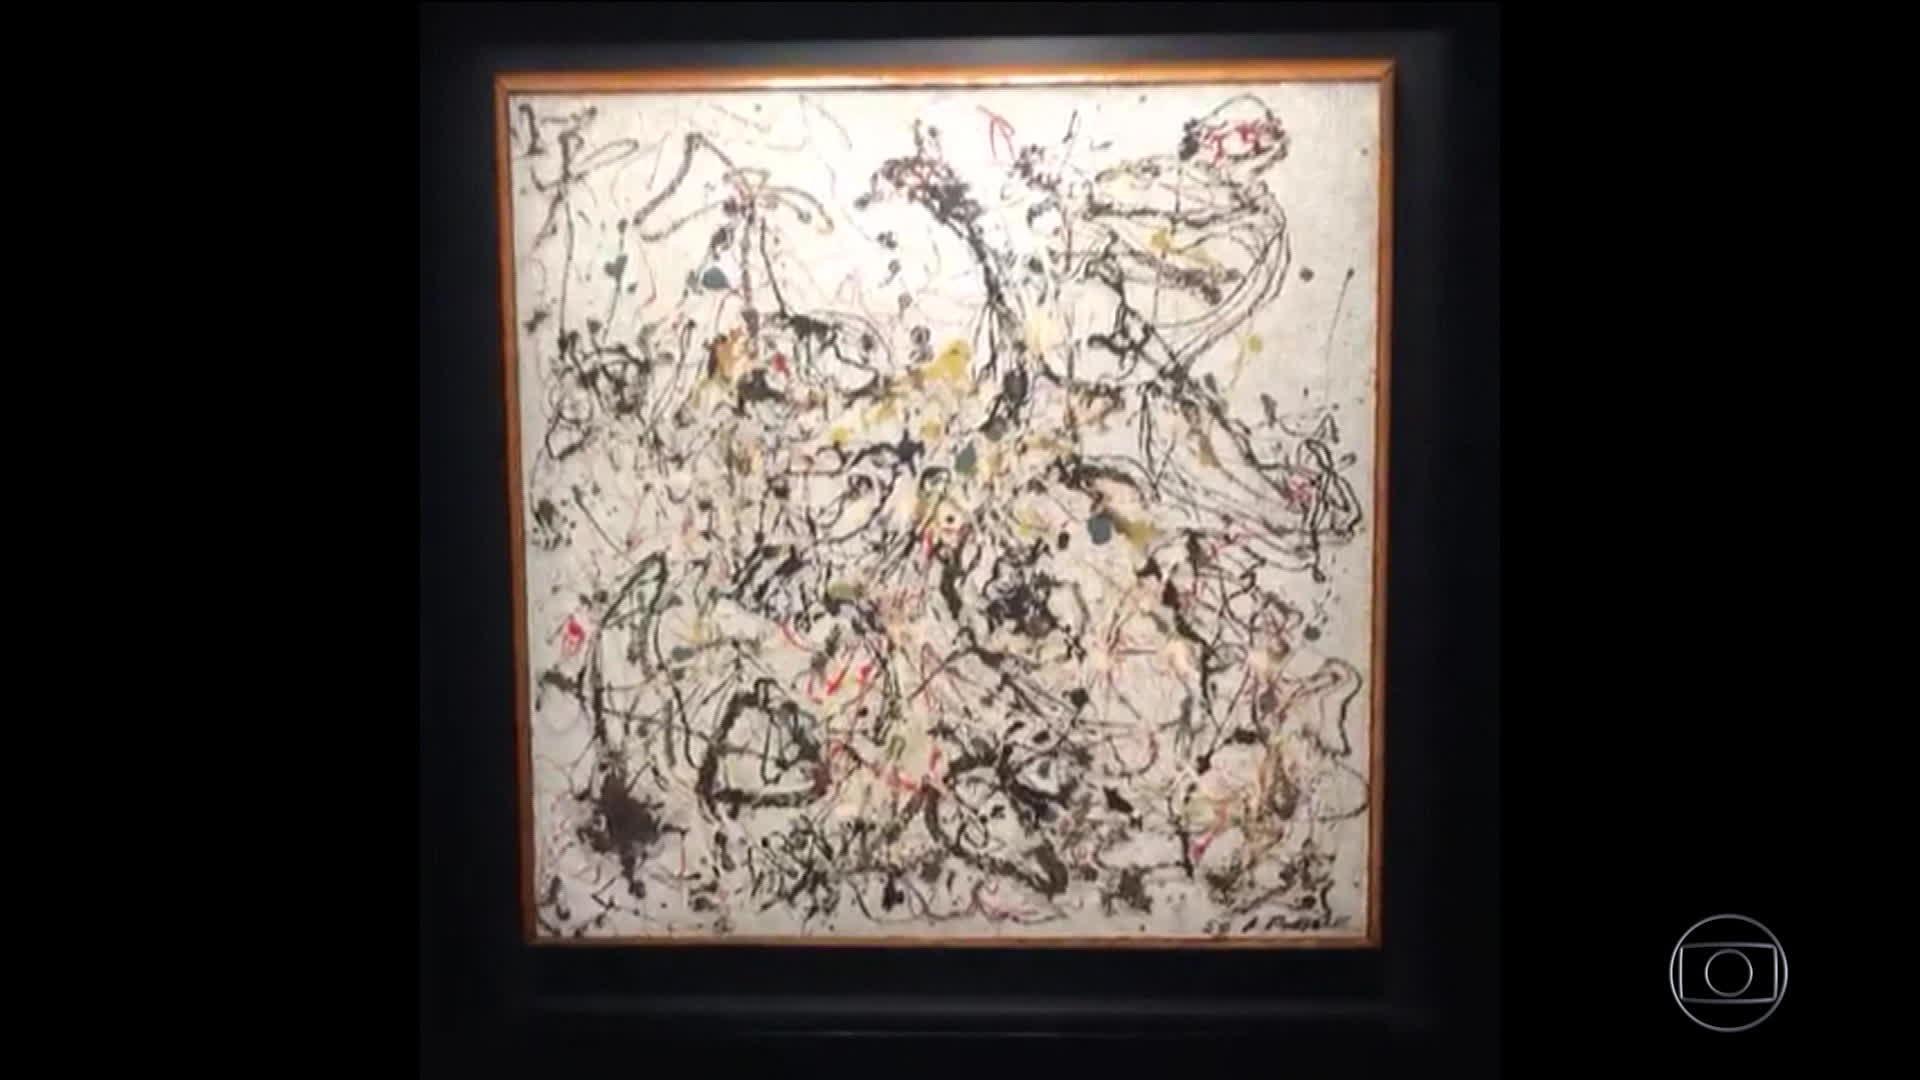 Quadro de Pollock do Museu de Arte Moderna do Rio não atinge lance mínimo em leilão em Nova York - Radio Evangelho Gospel